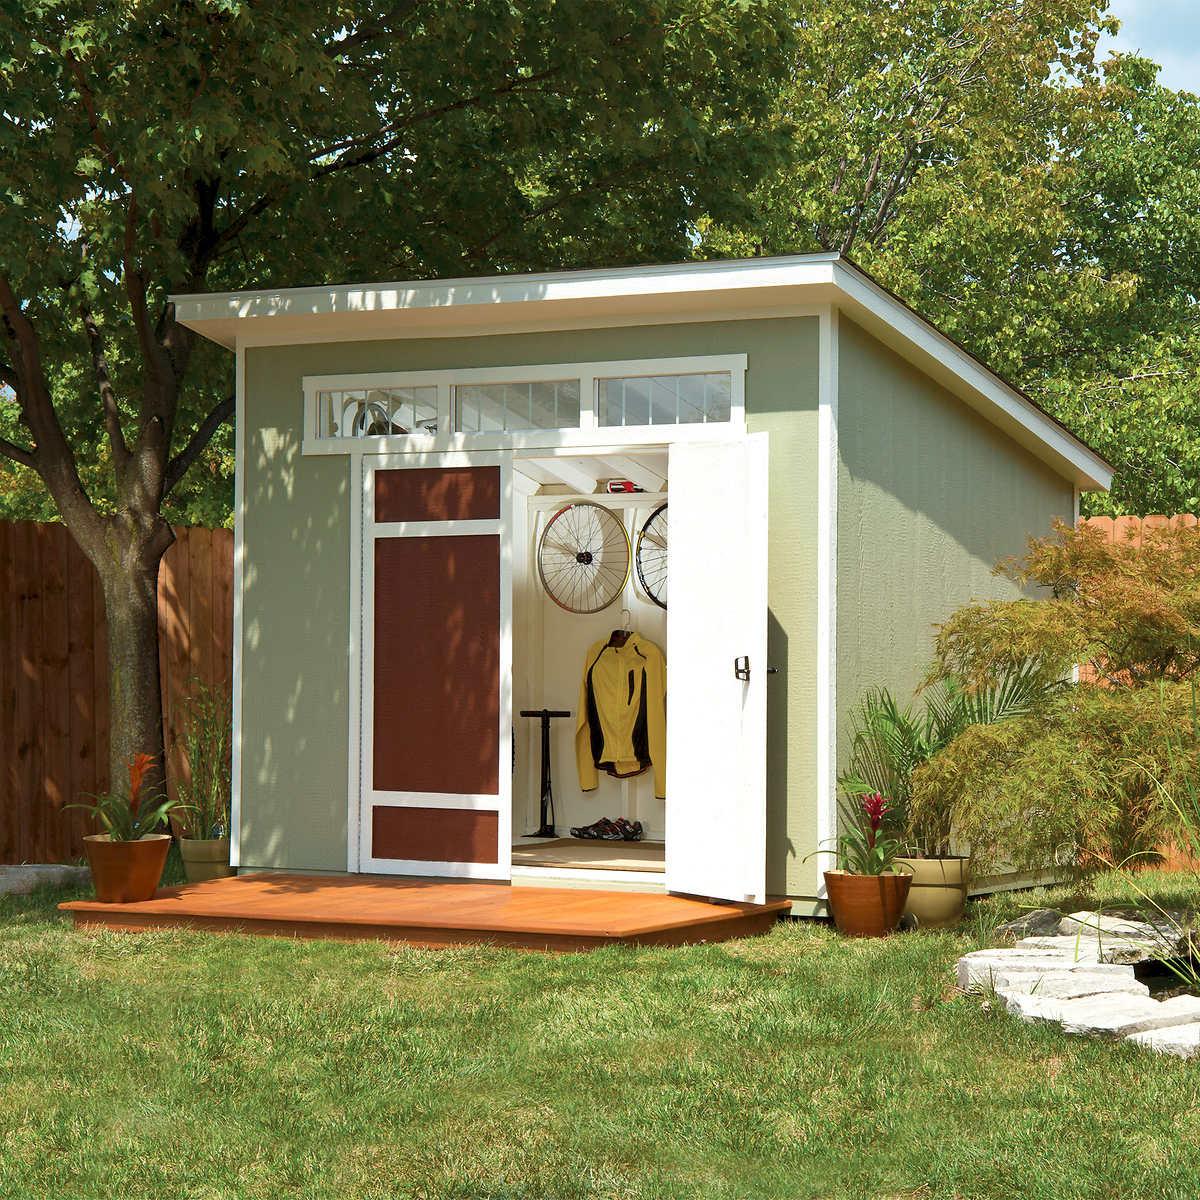 Garden Sheds 7 X 9 aston 10' x 7.5' wood shed